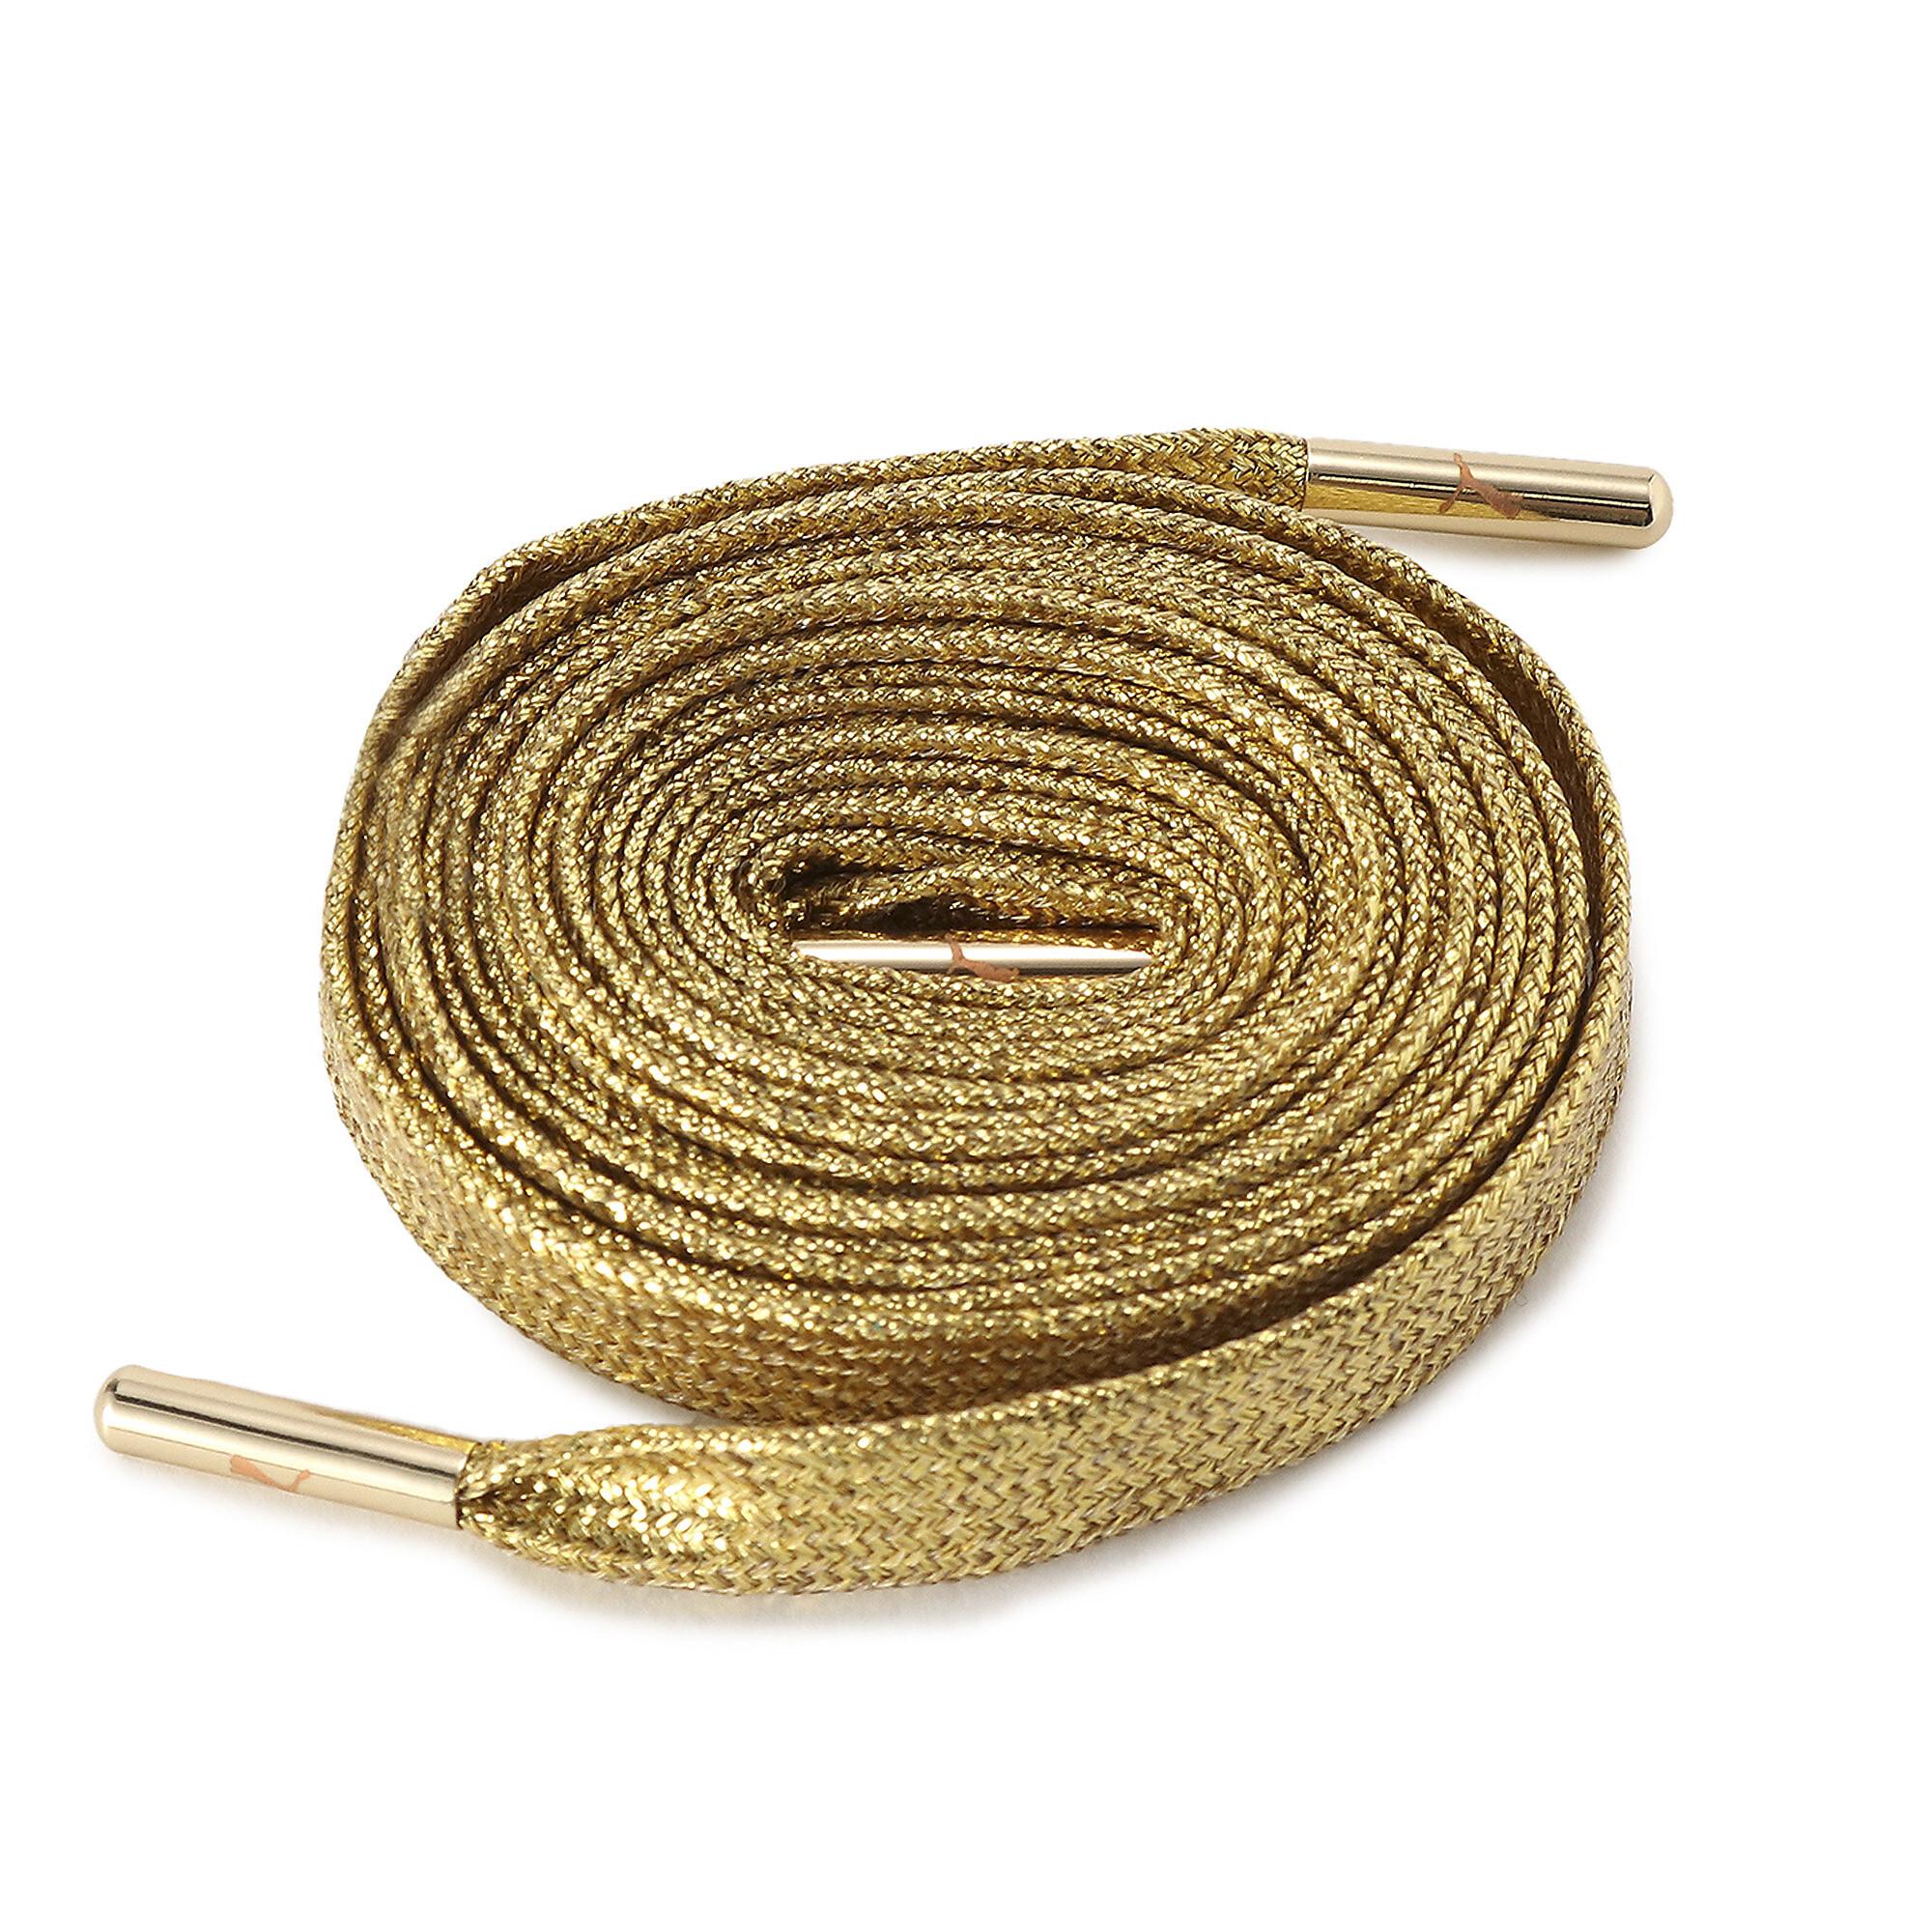 【プーマ公式通販】 プーマ シューレース メタリックチップ ゴールド ユニセックス Metallic Gold |PUMA.com